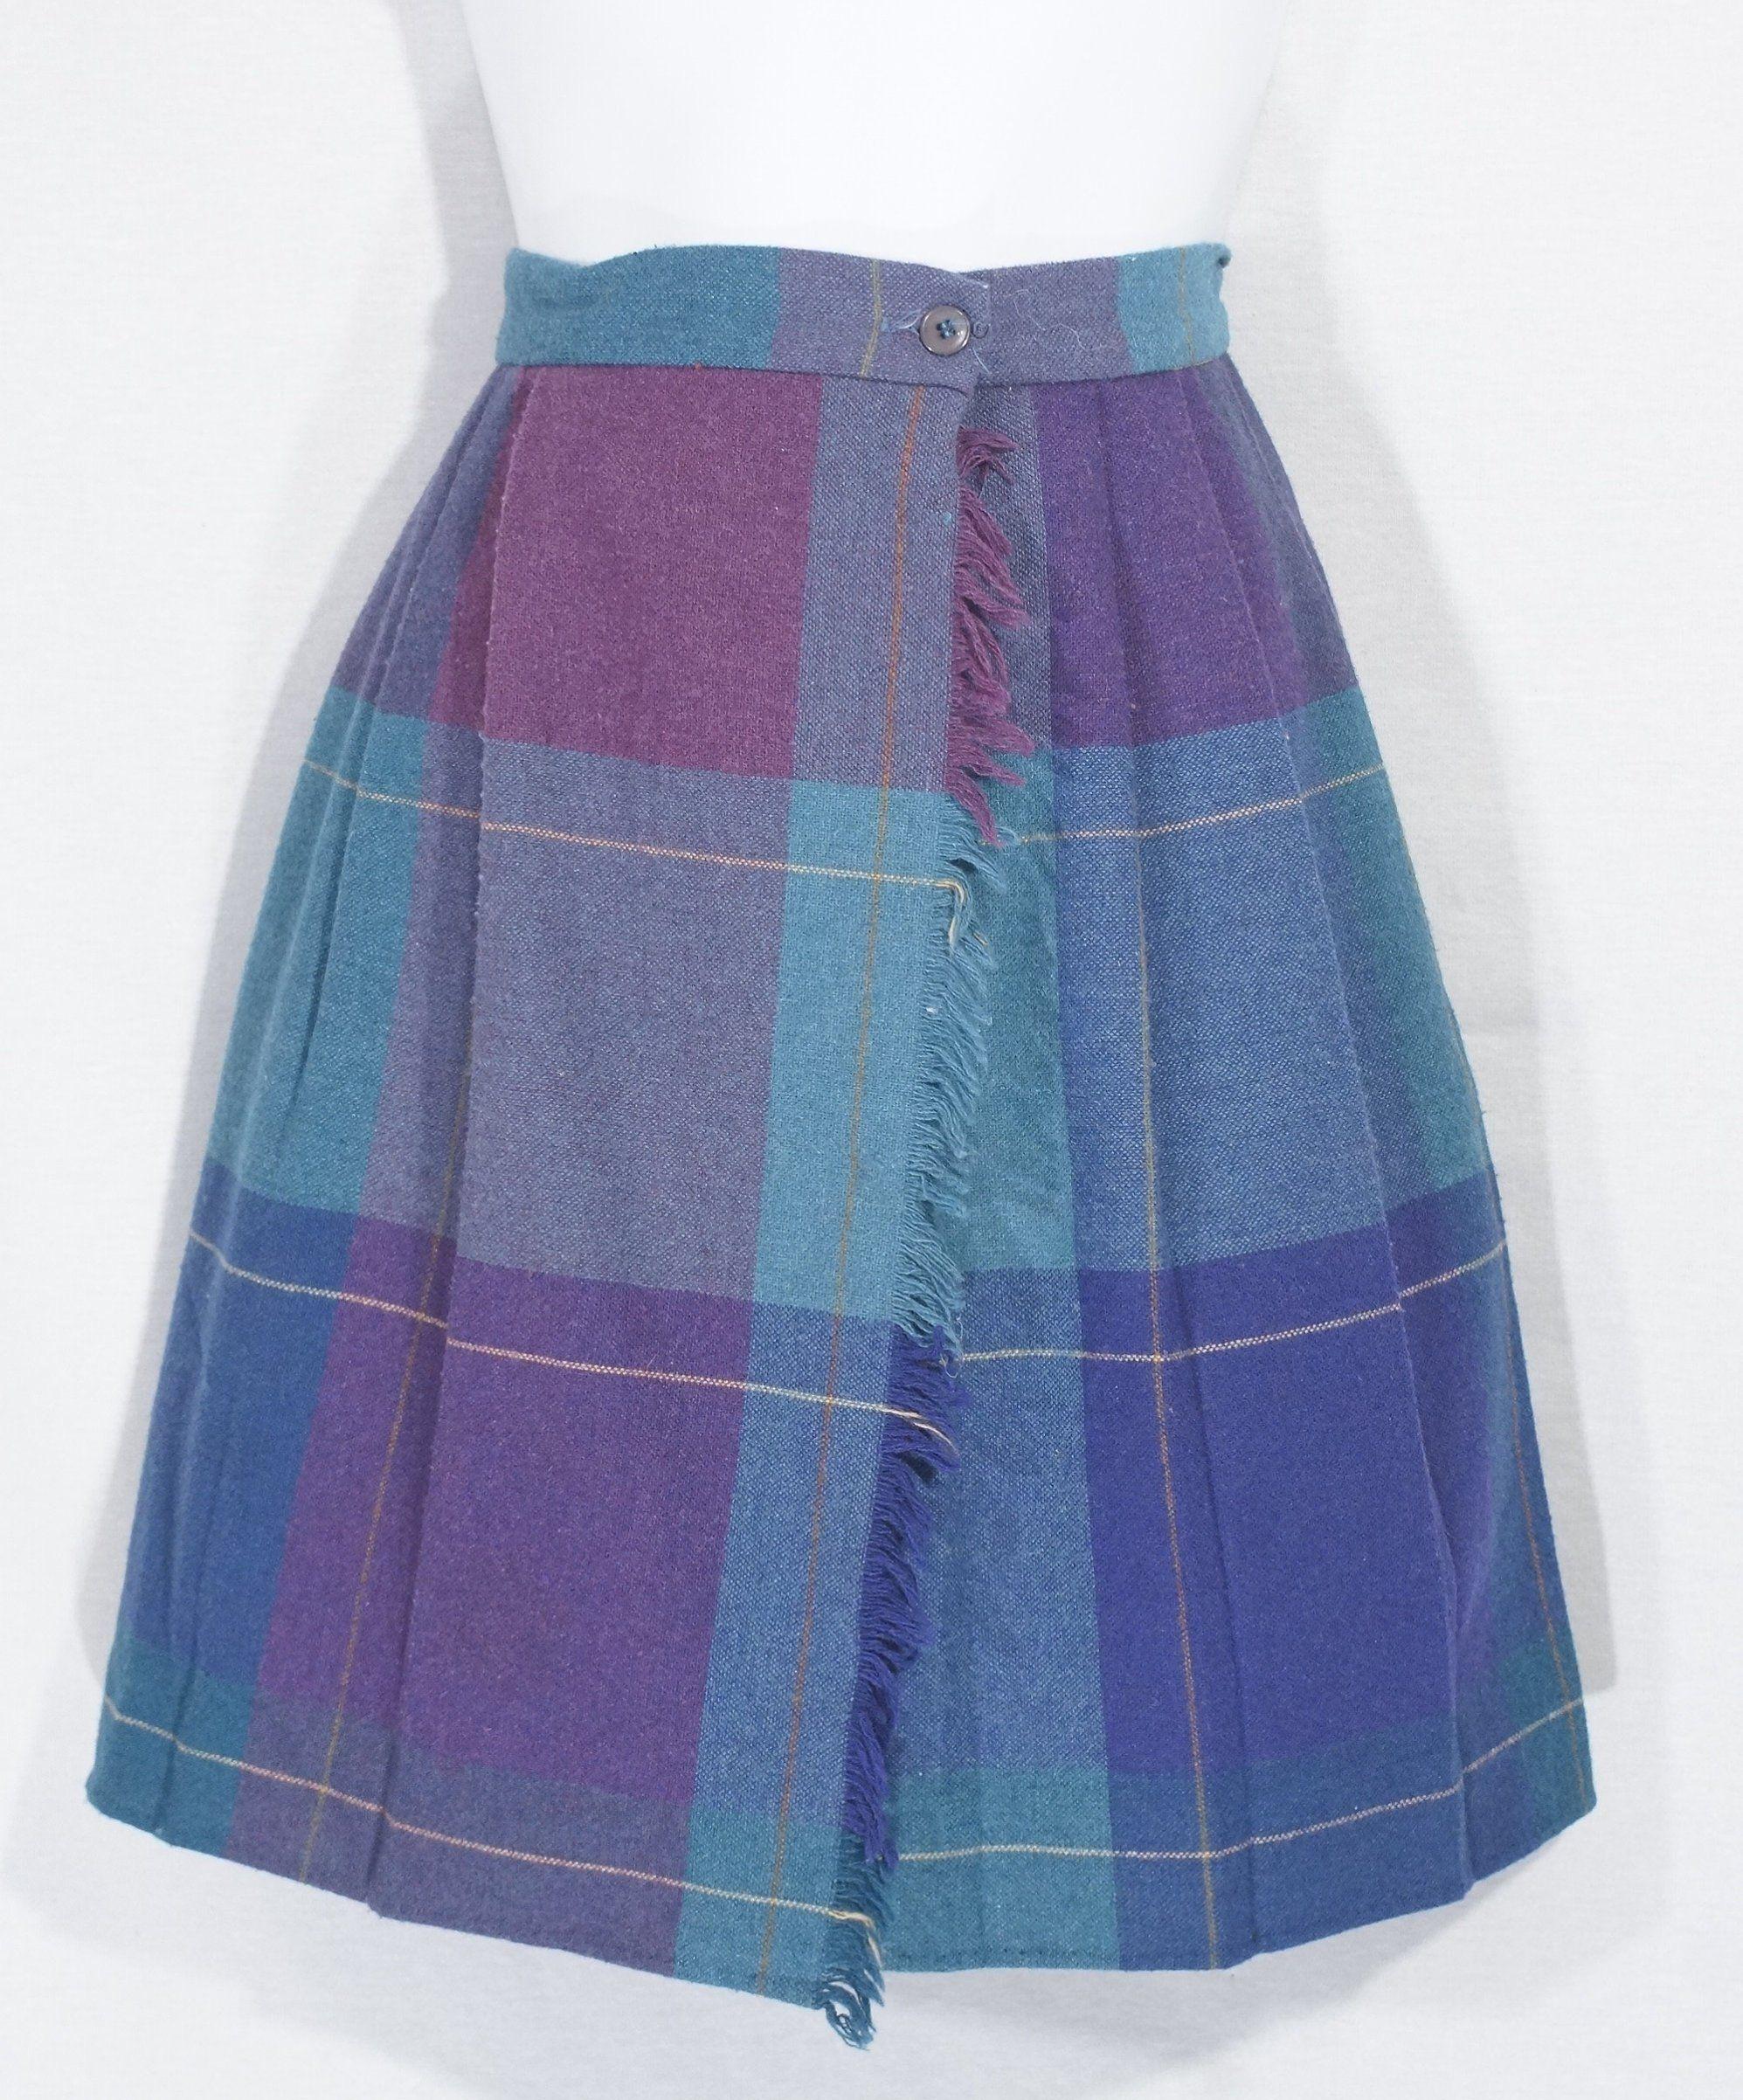 ec7917fbc Vintage Wool Mini Skirt 1970's Russ Girls Pleated Kilt Plaid Raw Fringe  Junior Tween Size Turquoise